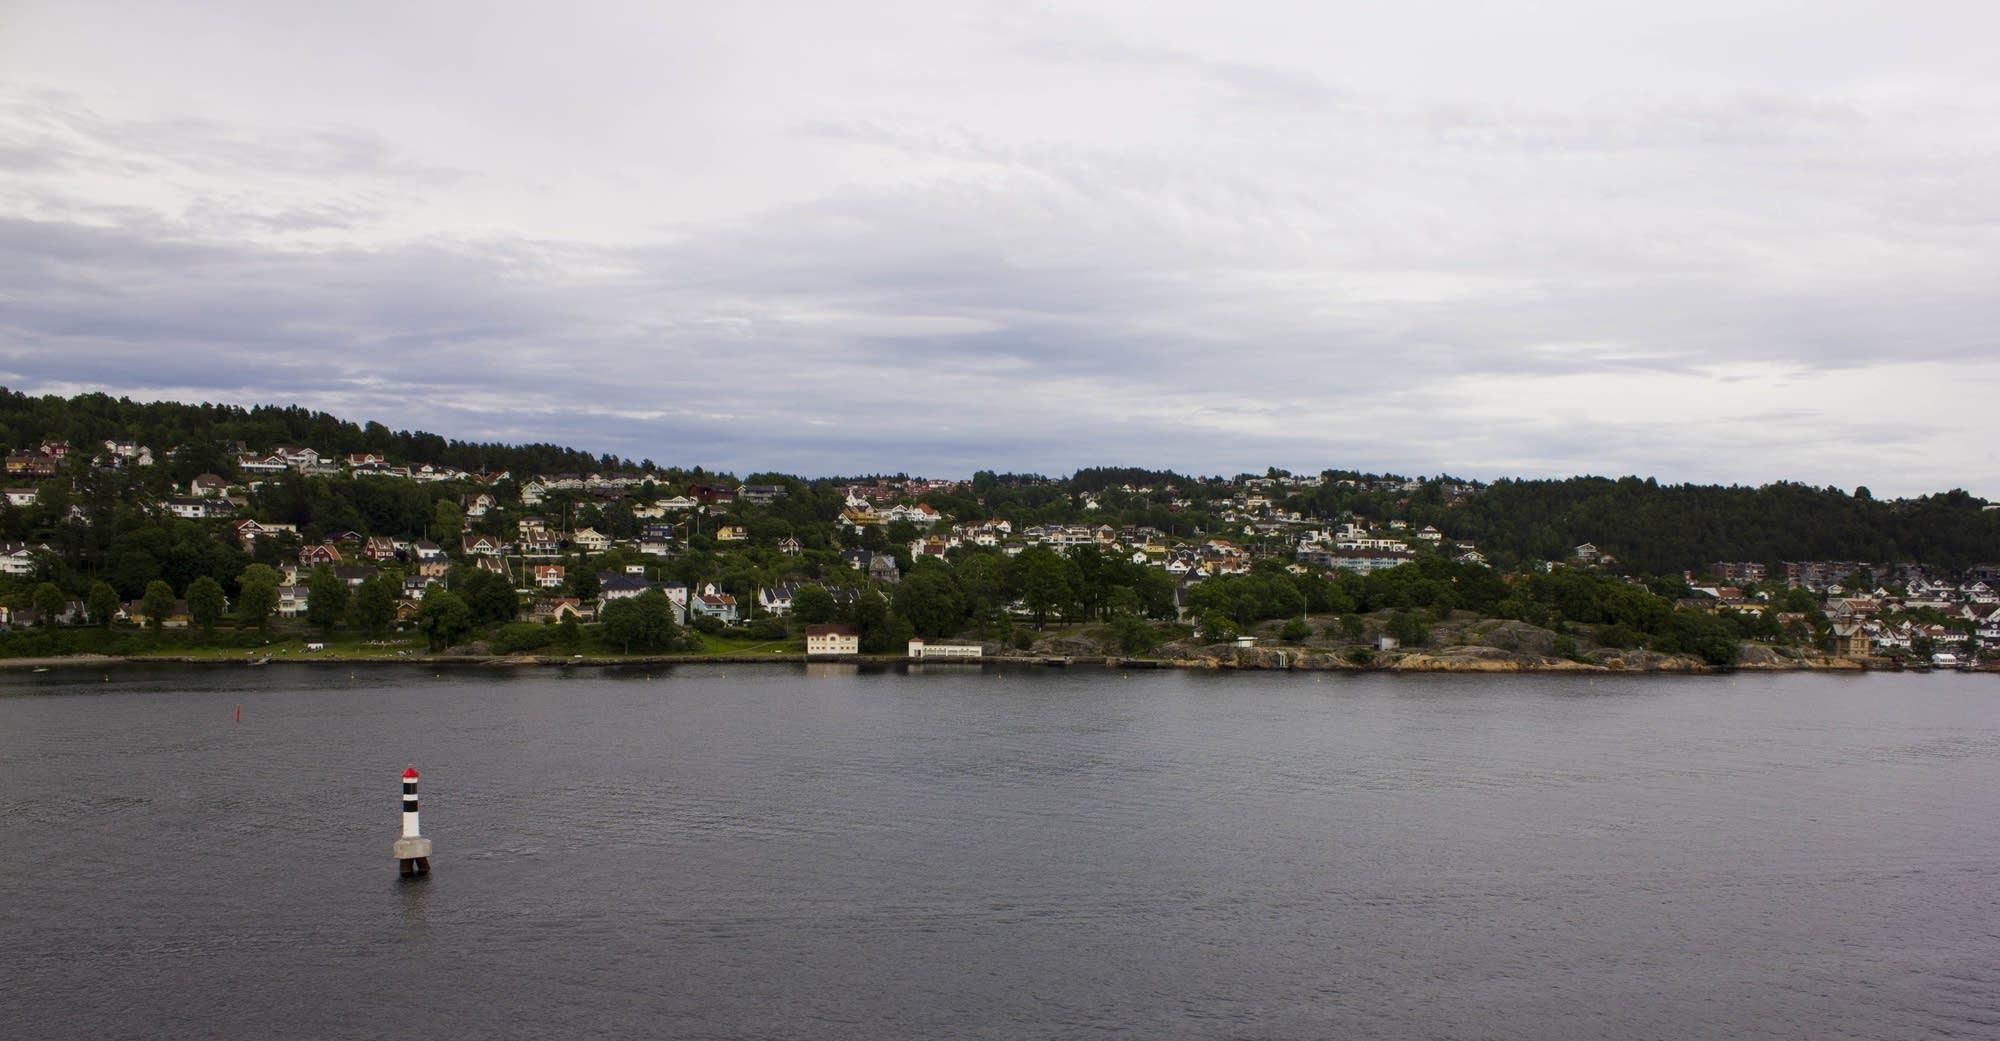 Oslo - 23 - shoreline with buoy